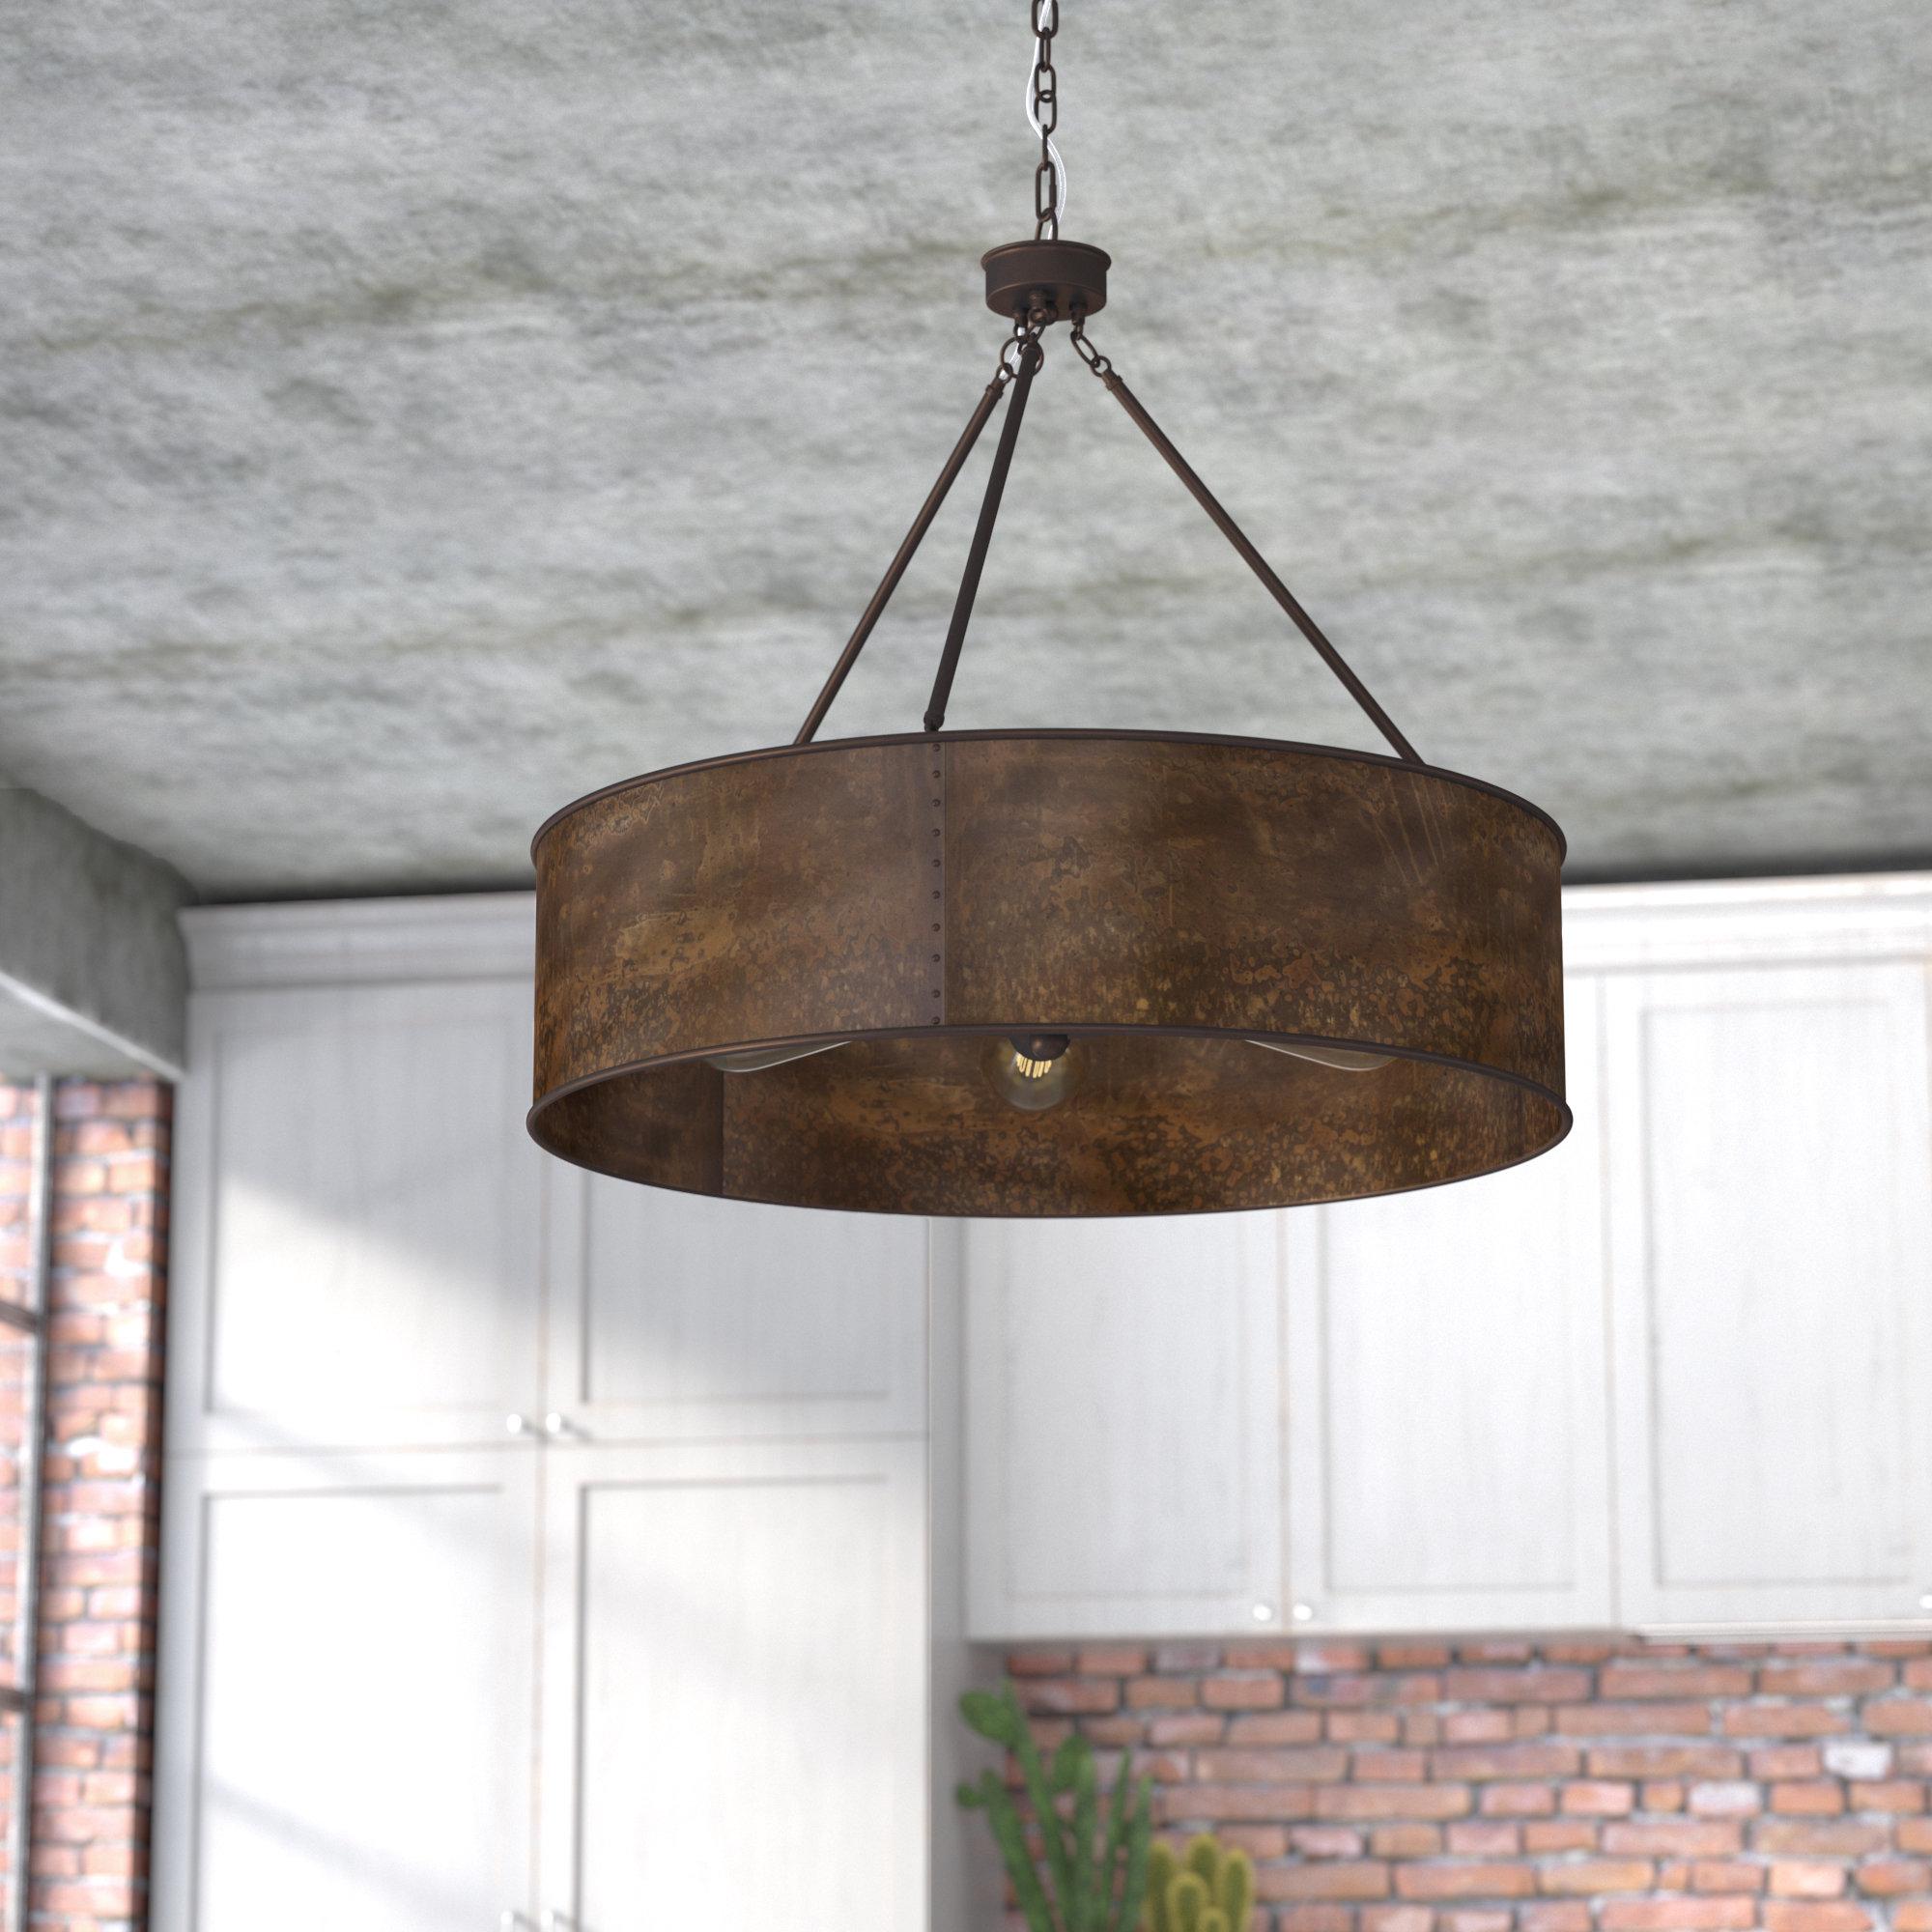 Vincent 5 Light Drum Chandelier Regarding Harlan 5 Light Drum Chandeliers (View 11 of 30)